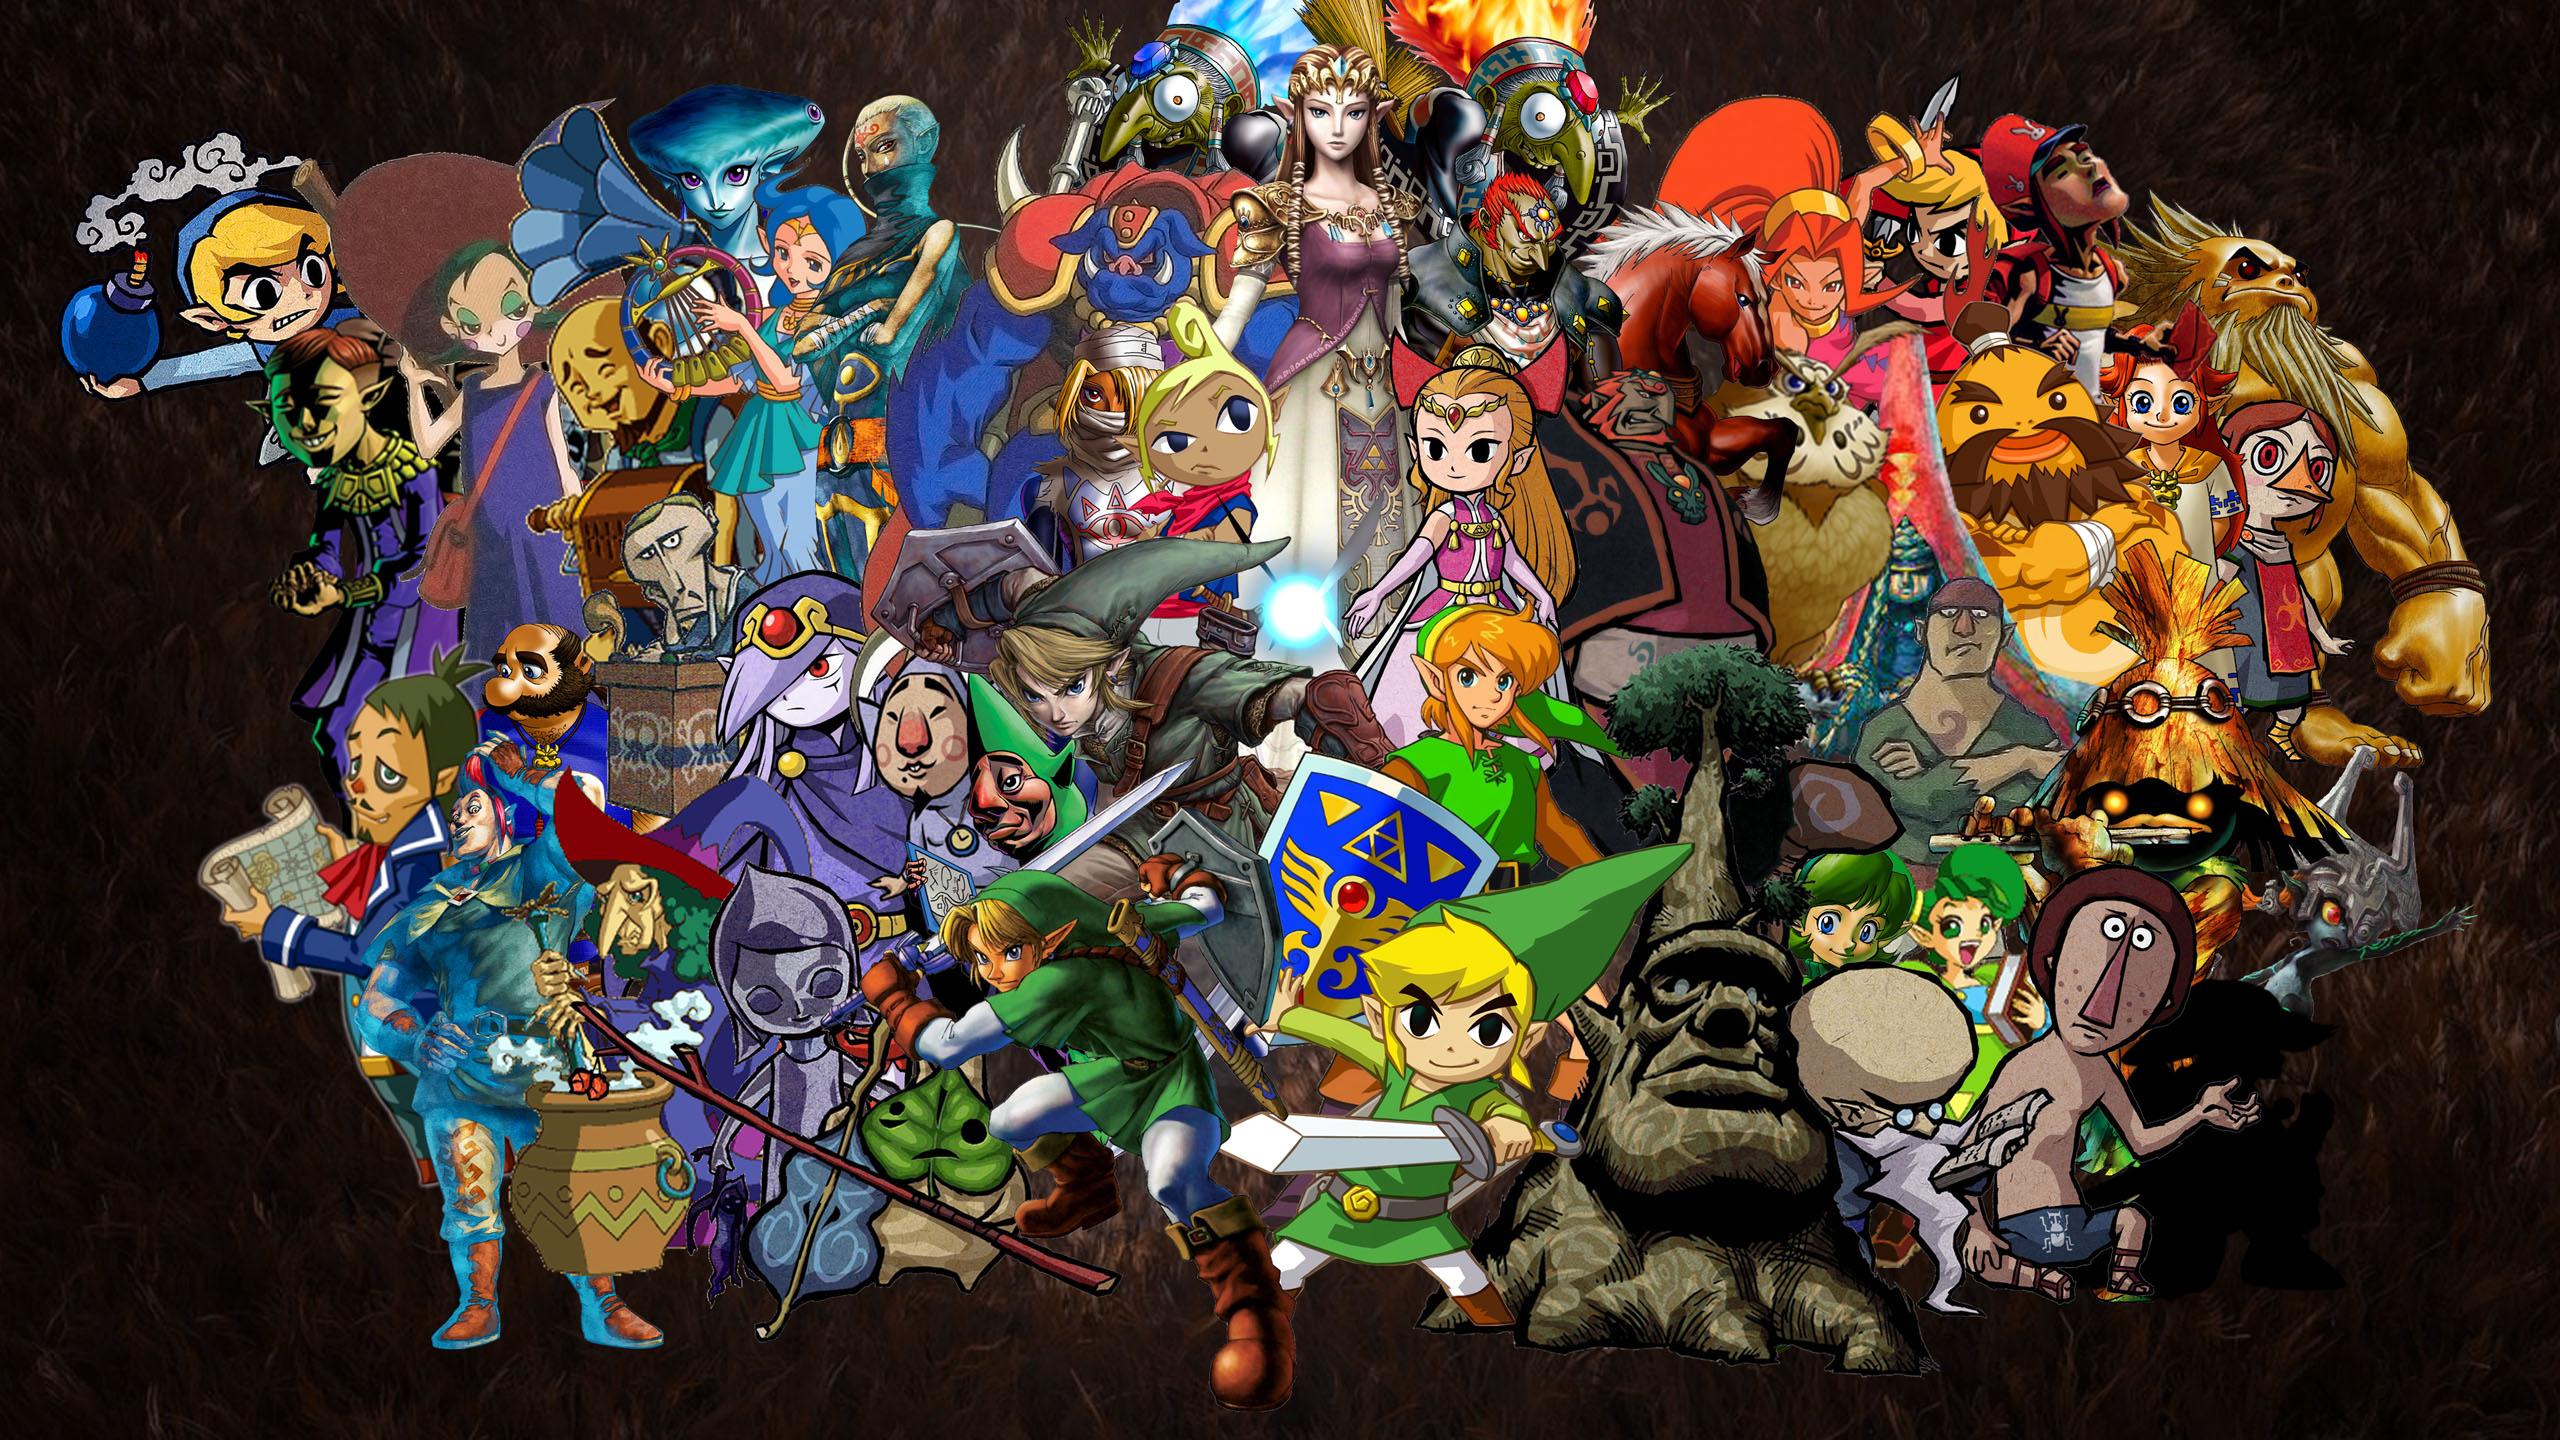 Legend Of Zelda Wallpapers